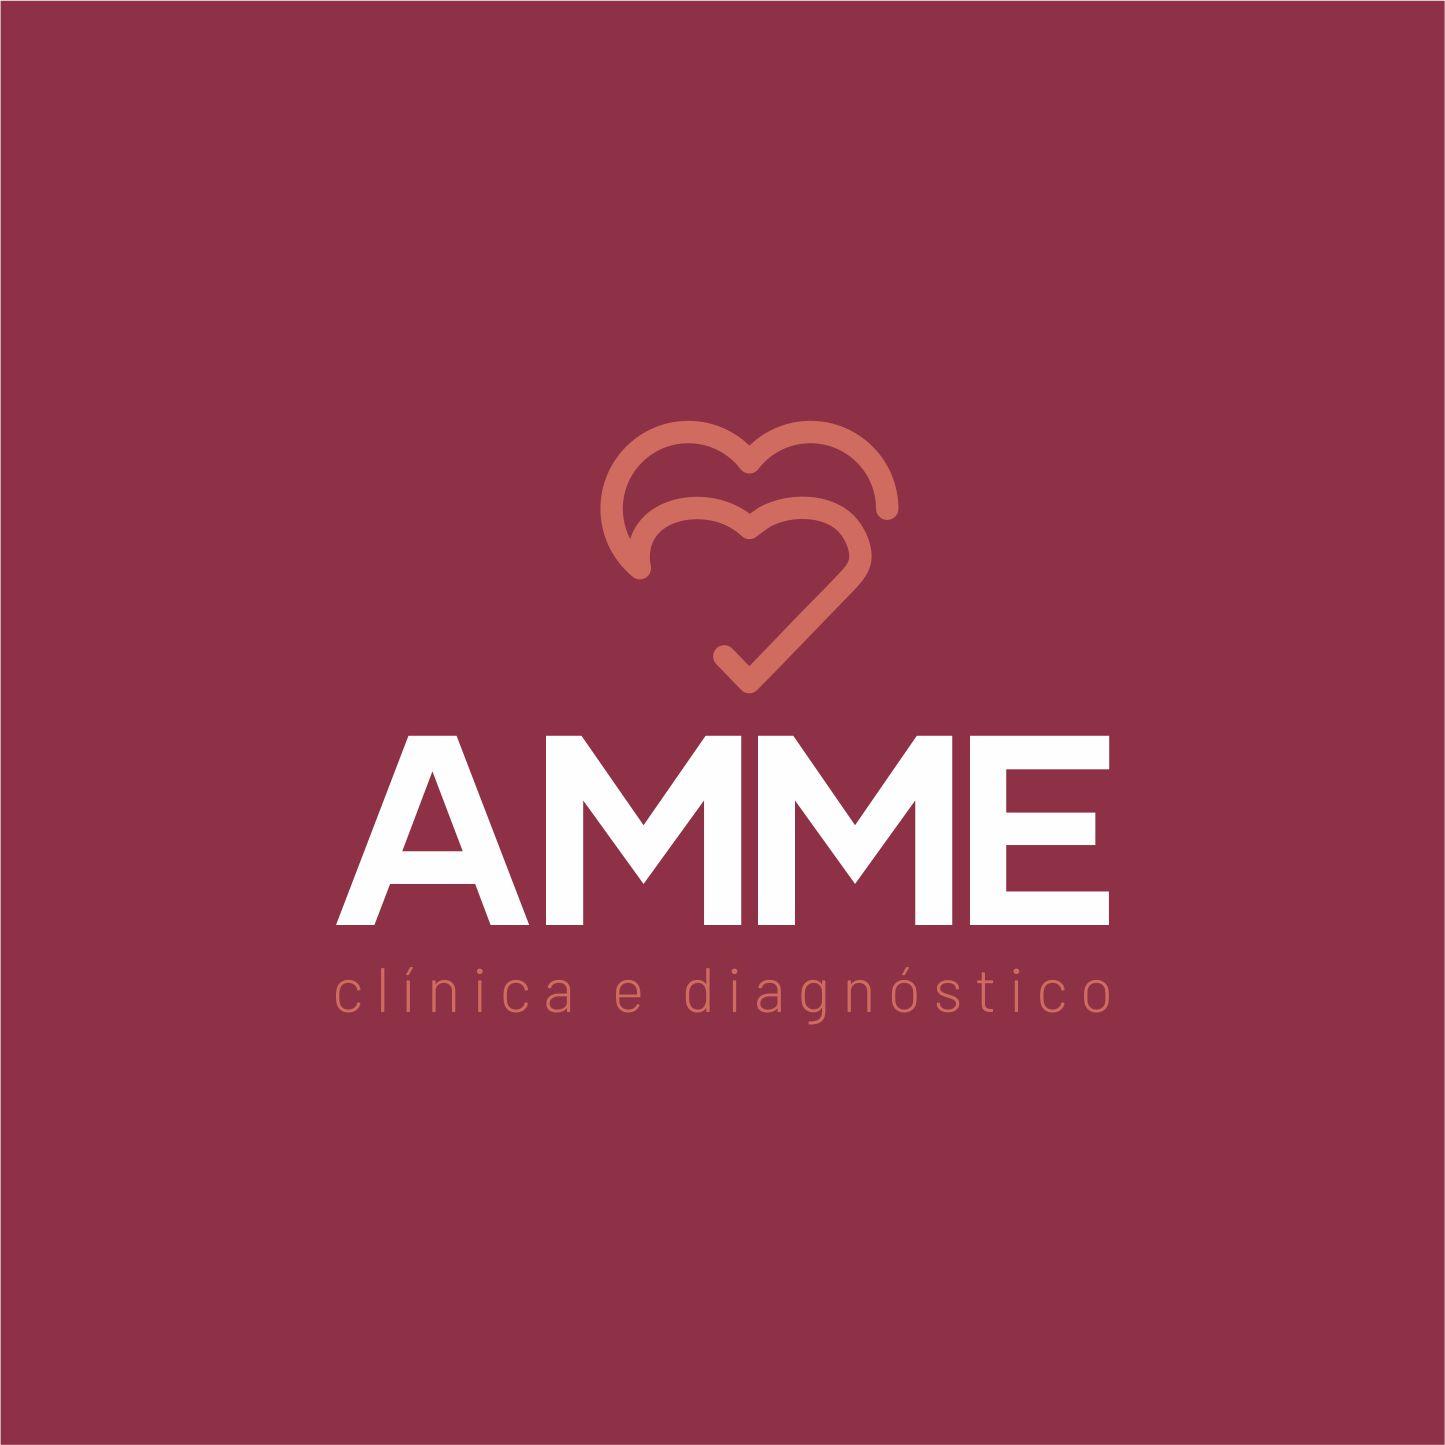 amme-logotipo